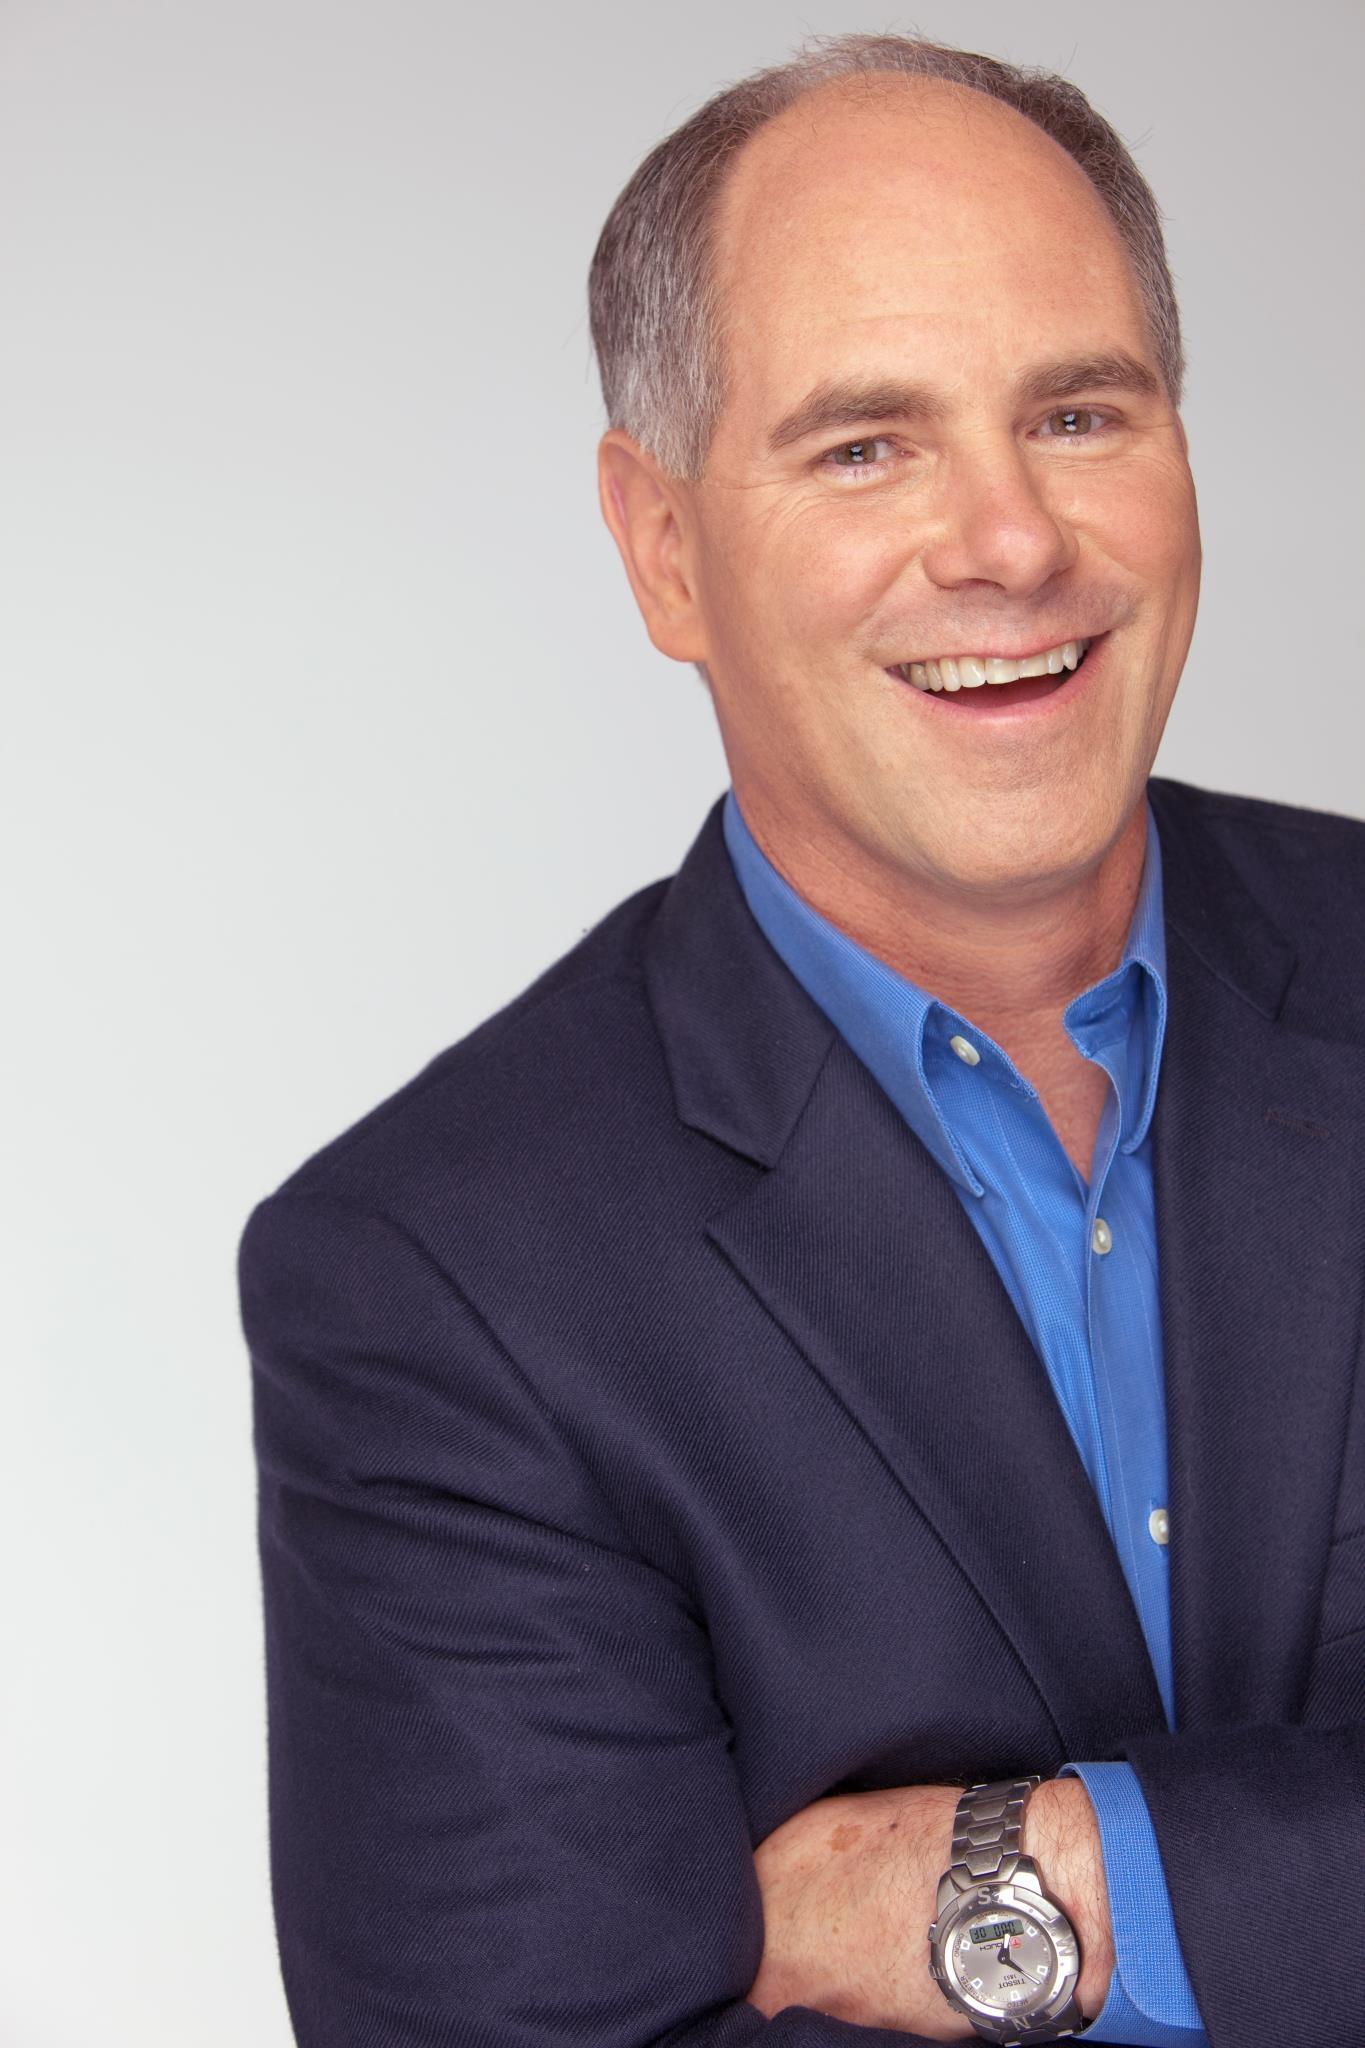 QVC Host Dan Hughes: 'I Had Massive Heart Attack